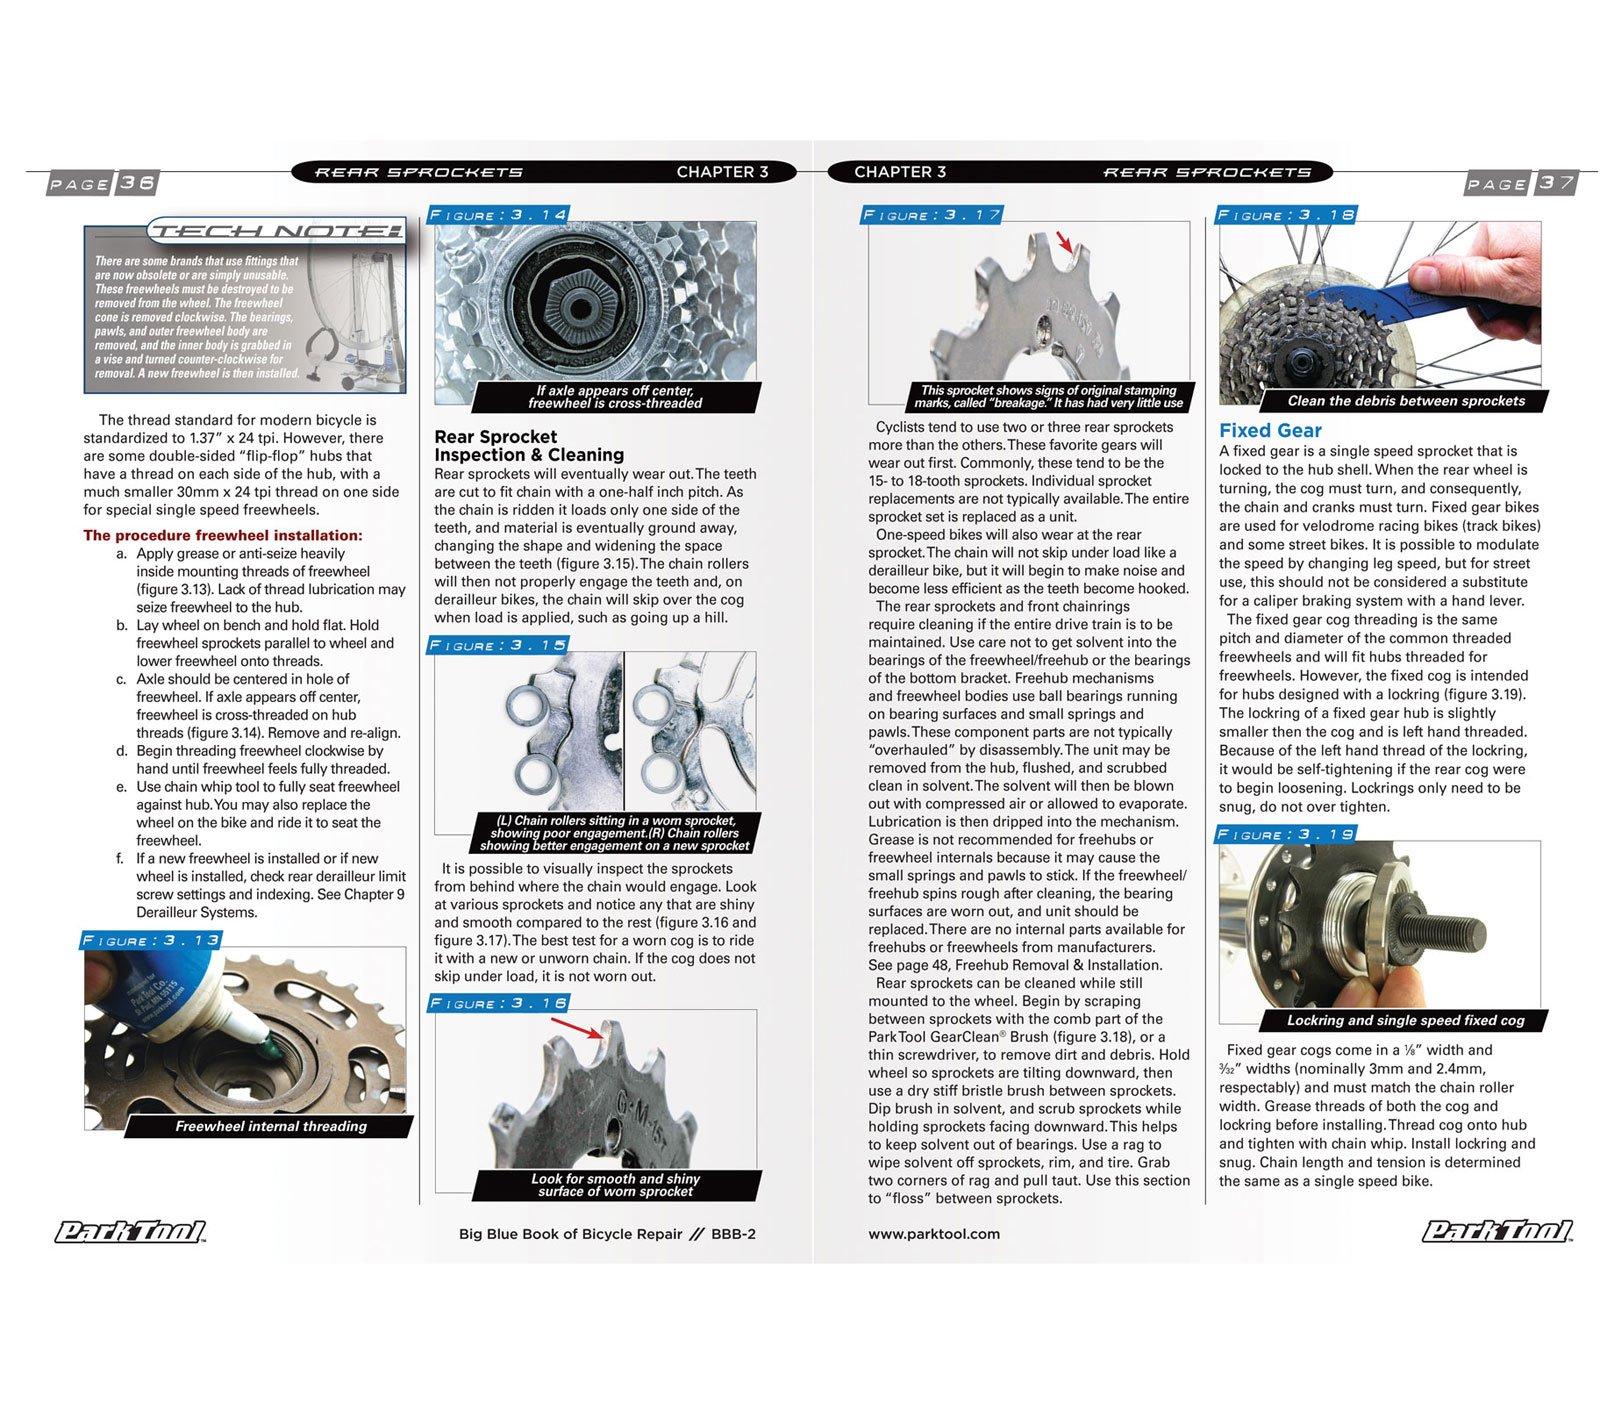 big blue book of bicycle repair ii pdf download